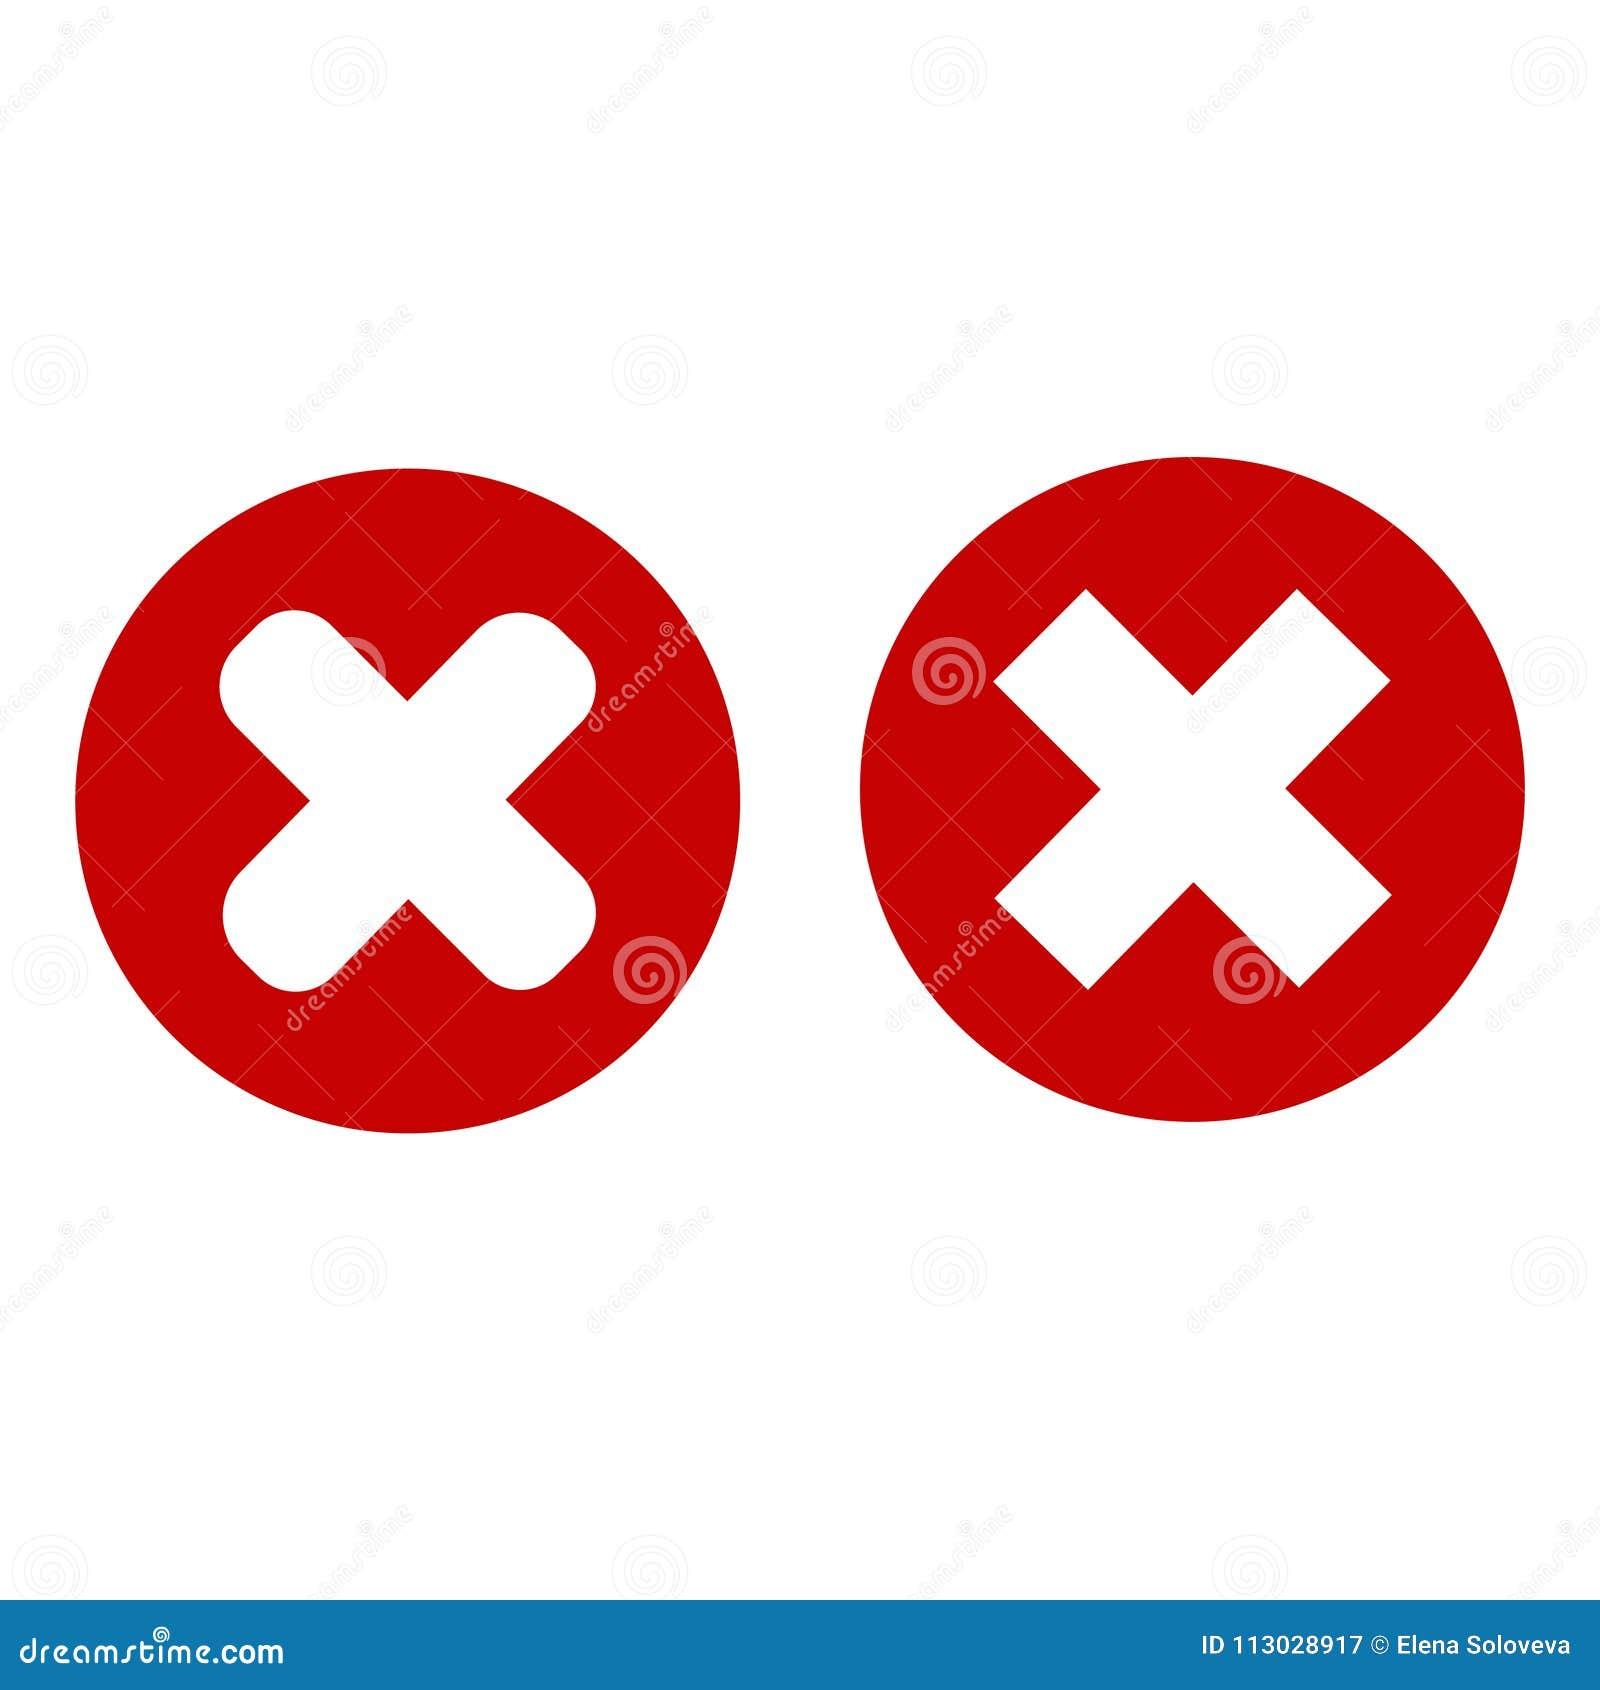 Muestra de la cancelación CÍRCULO ROJO X multiplique el icono moderno del diseño